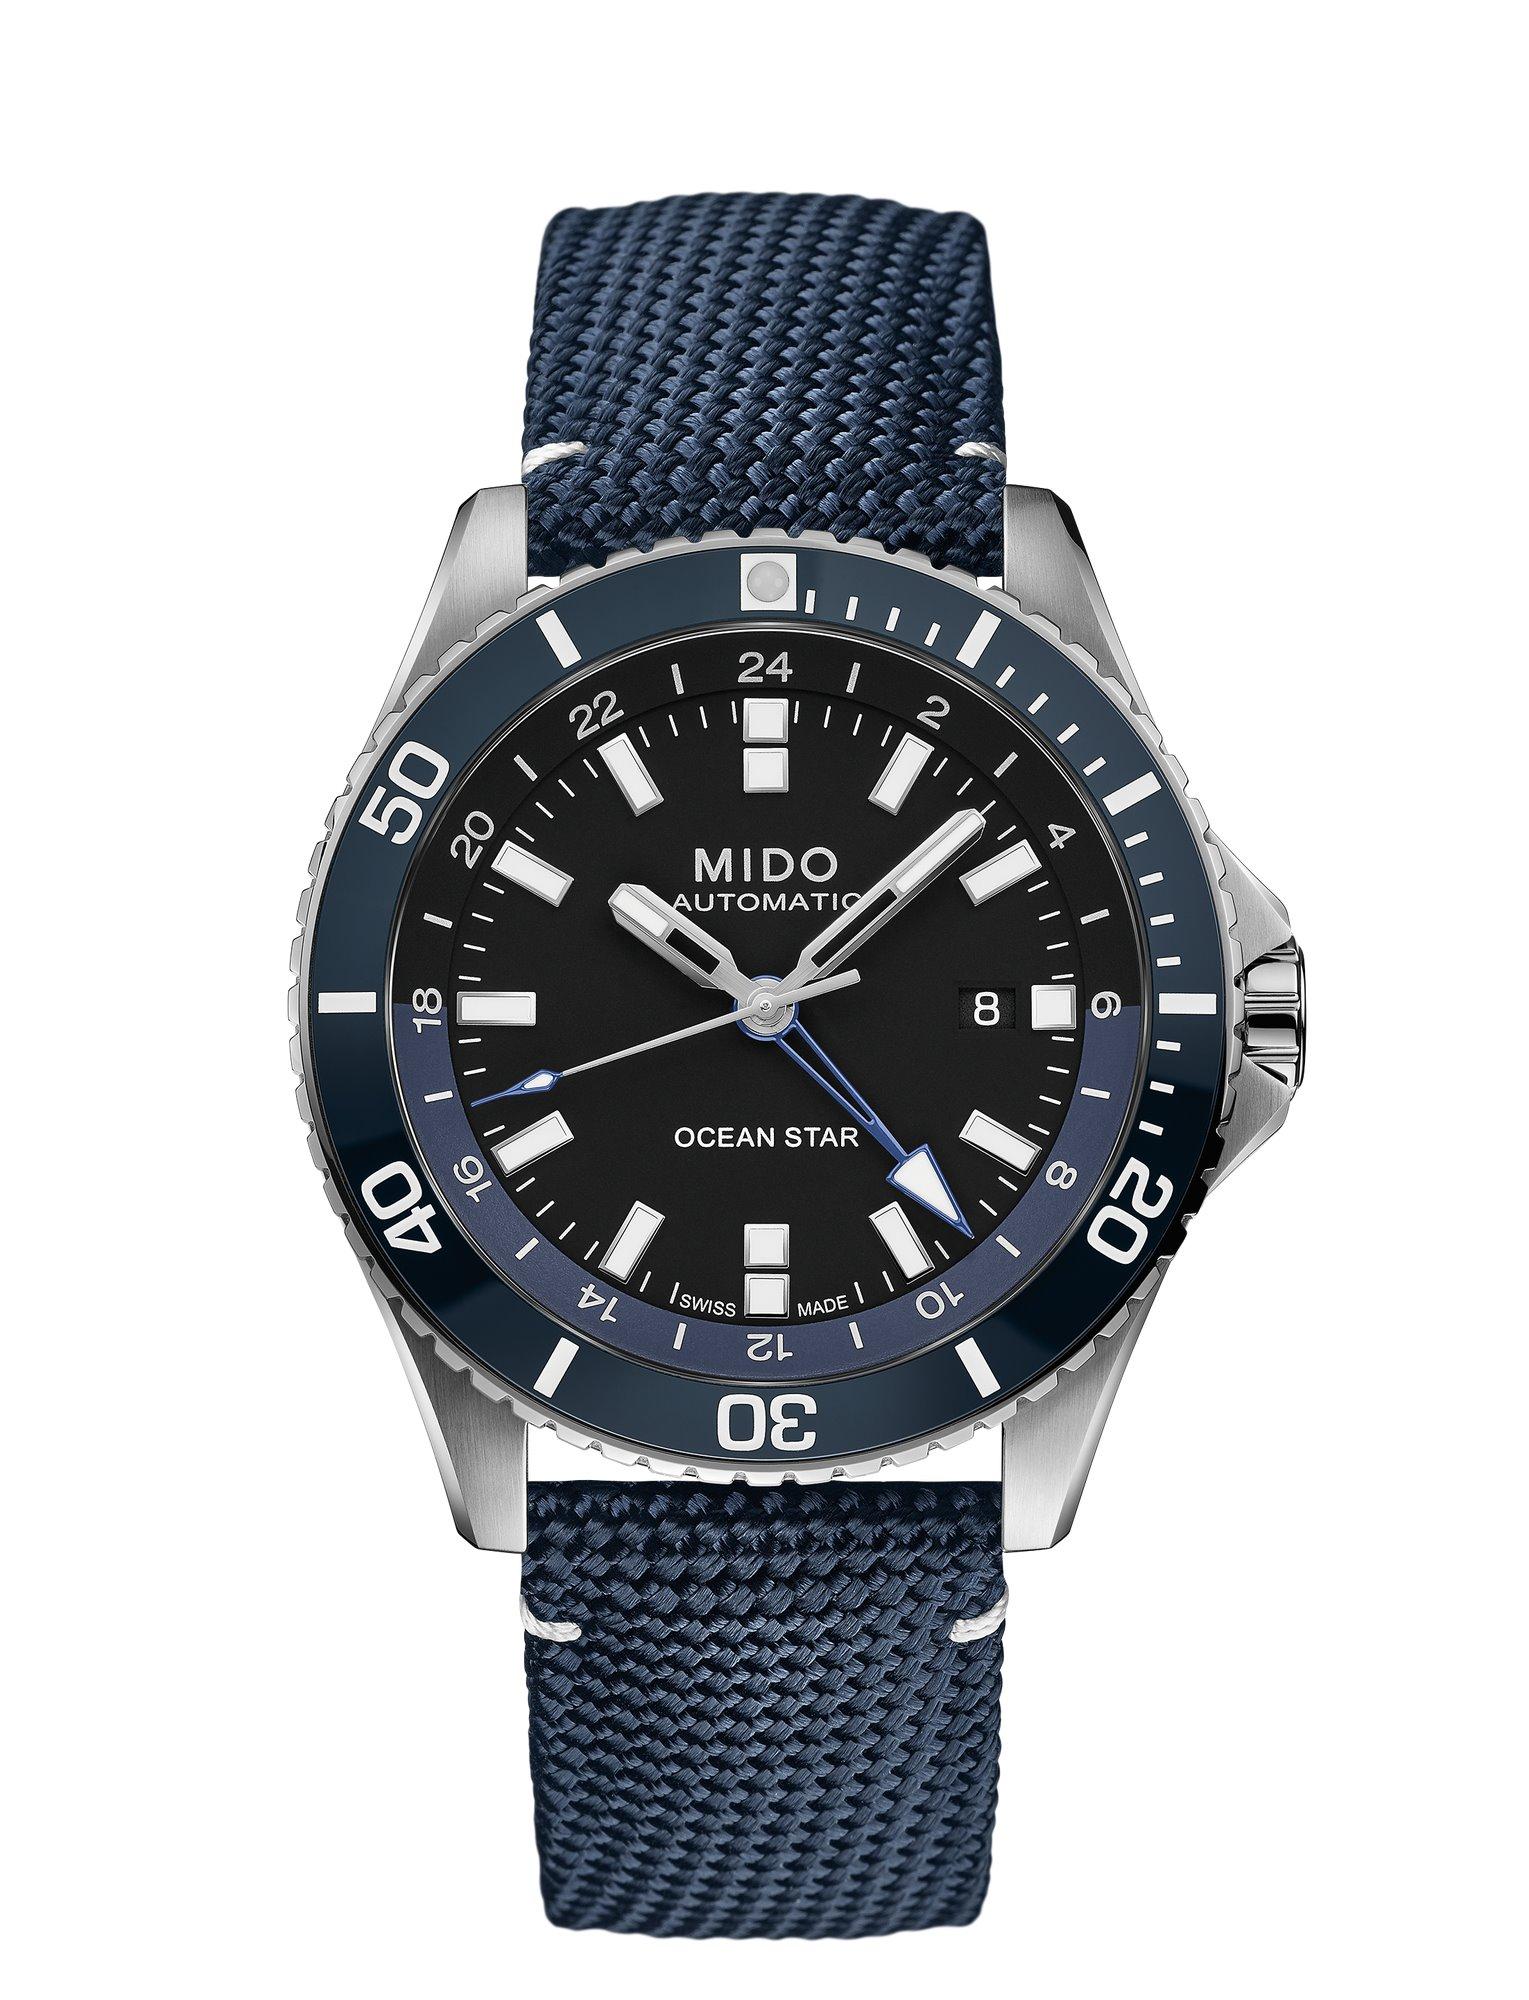 跨越时区,浩海远航——瑞士美度表领航者系列双时区防水腕表